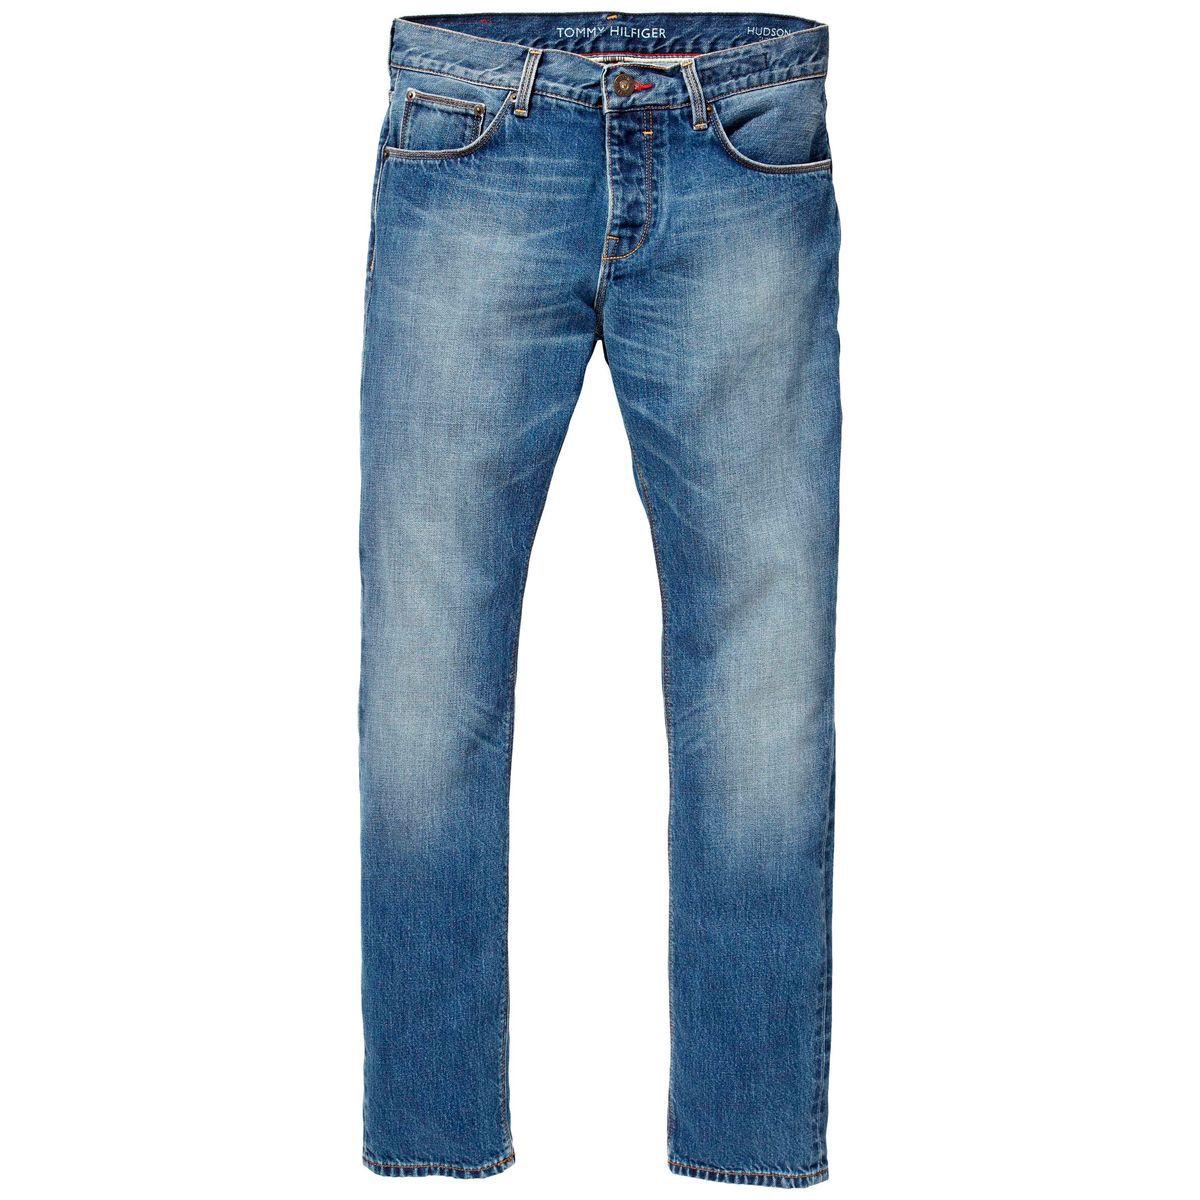 tommy hilfiger madison jeans in blue for men lyst. Black Bedroom Furniture Sets. Home Design Ideas